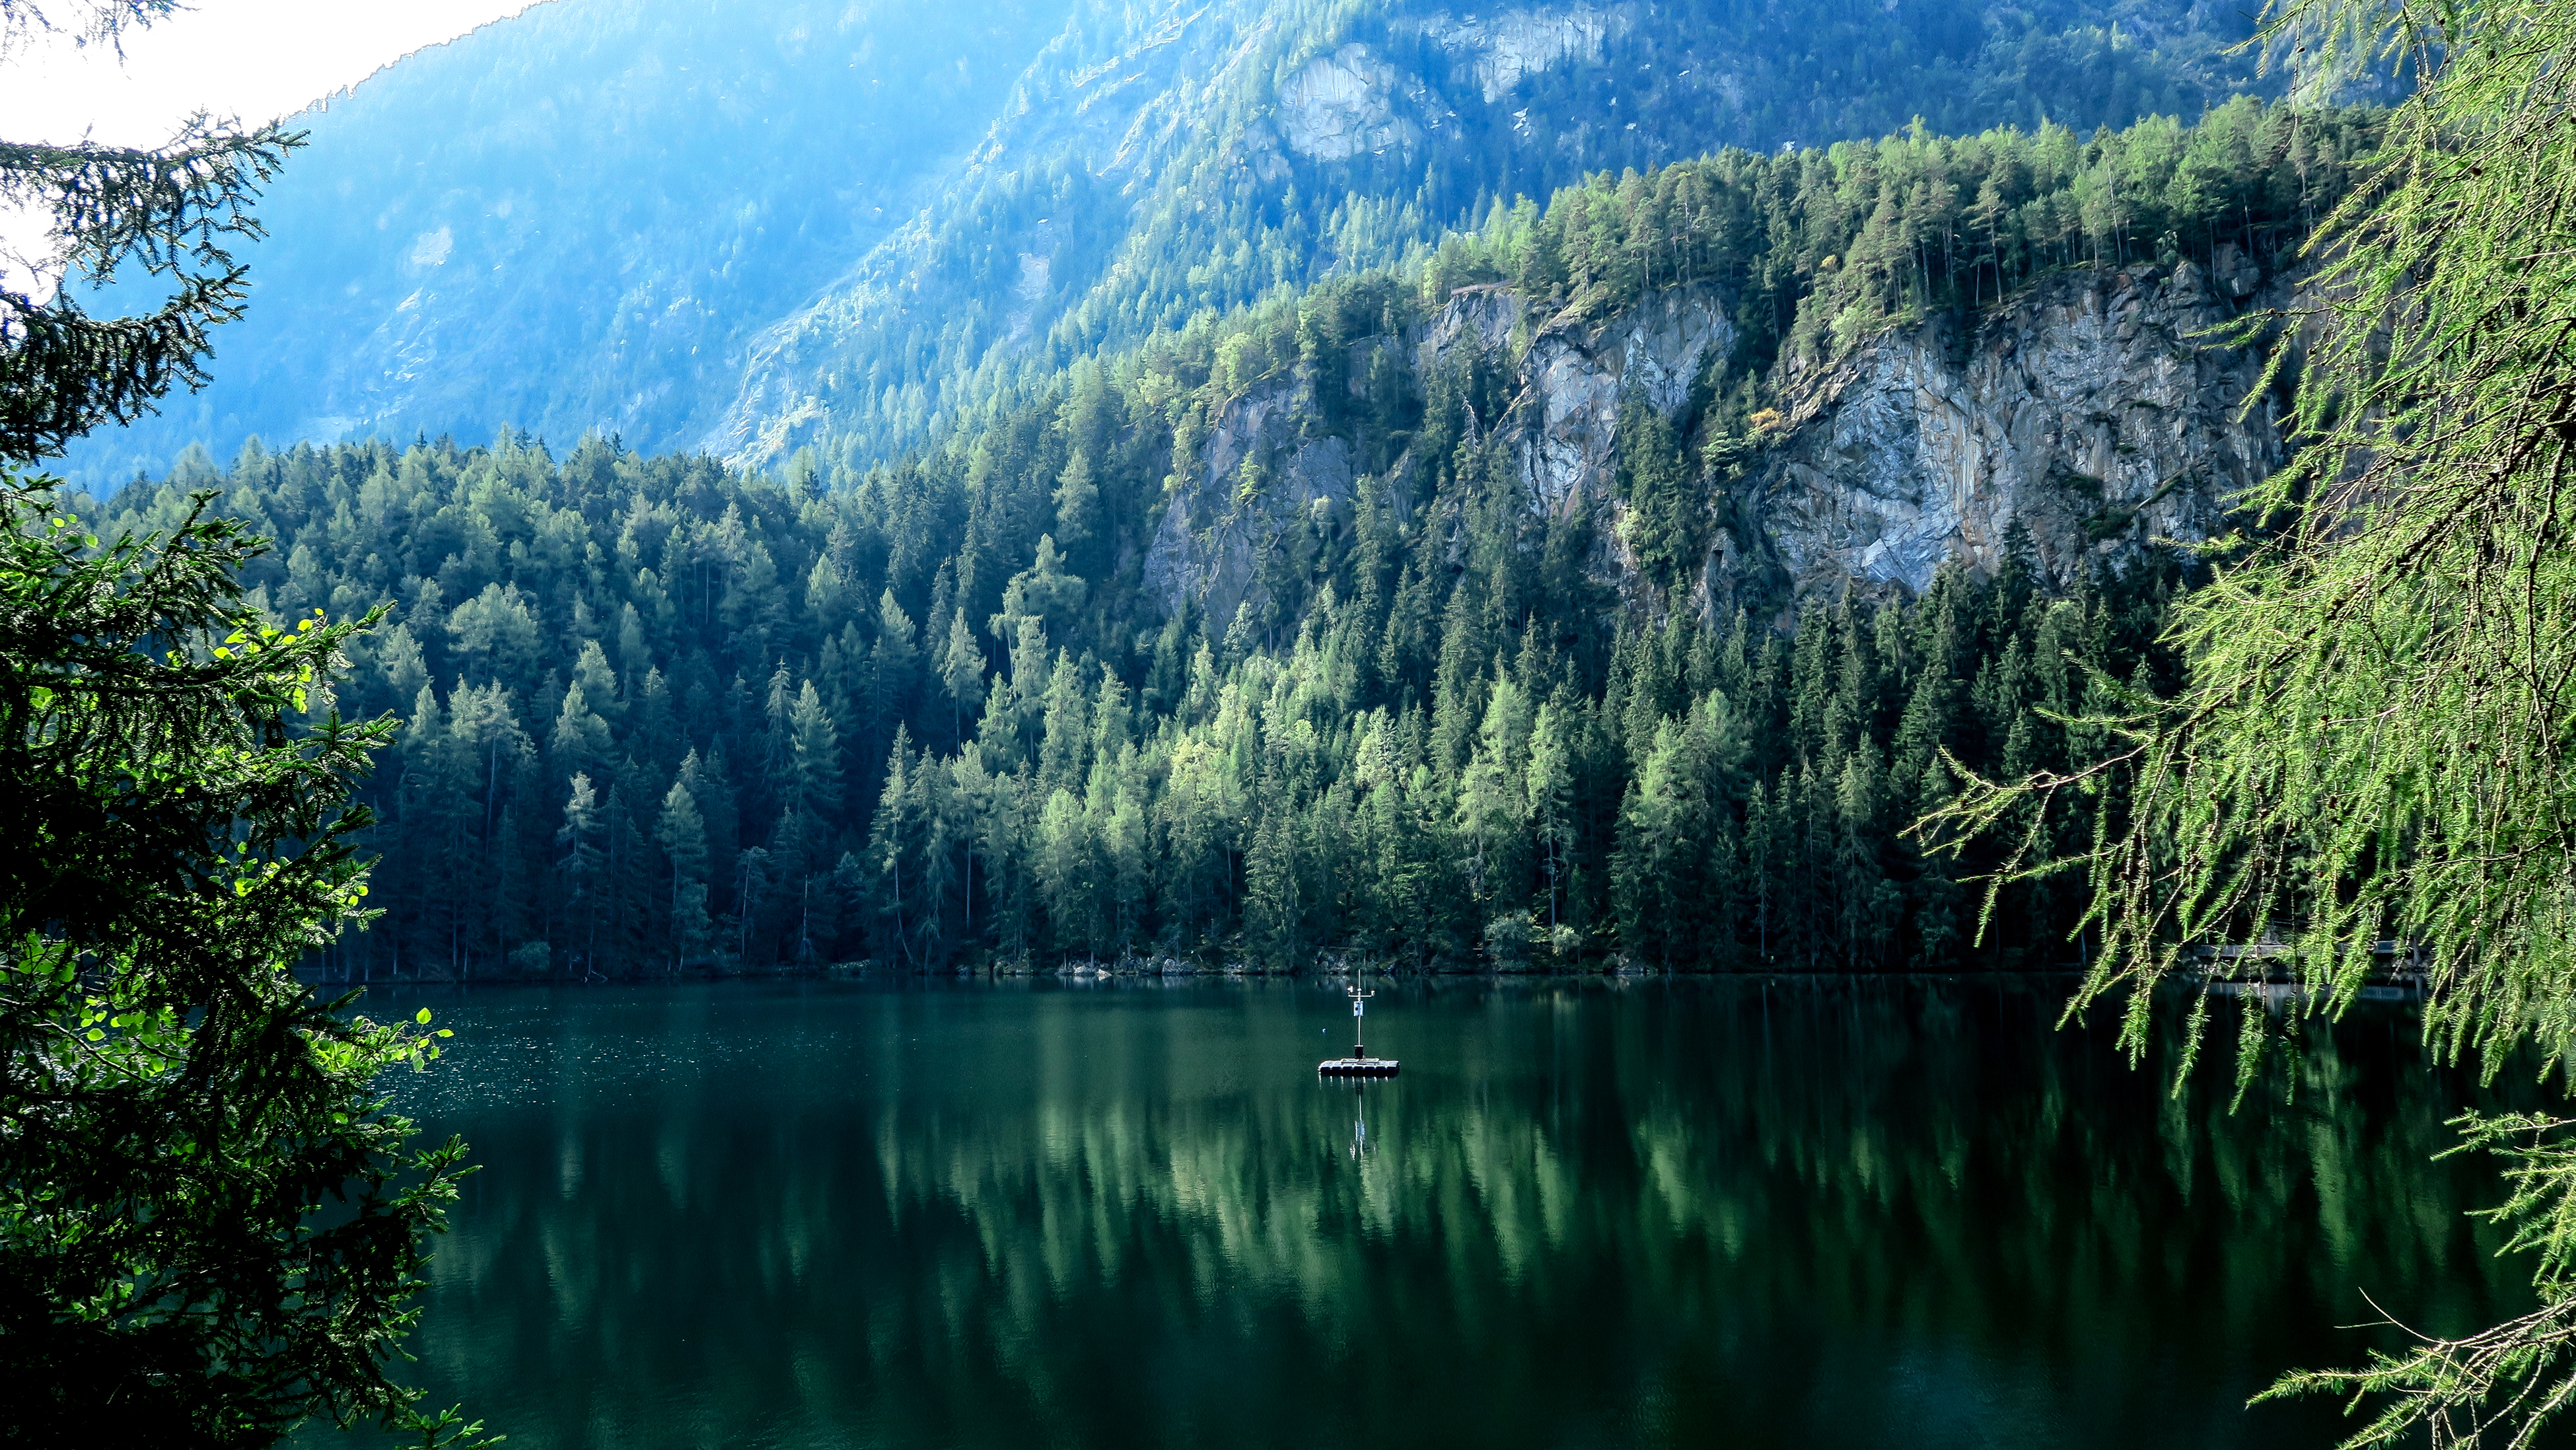 горы озеро деревья небо  № 3234923 загрузить